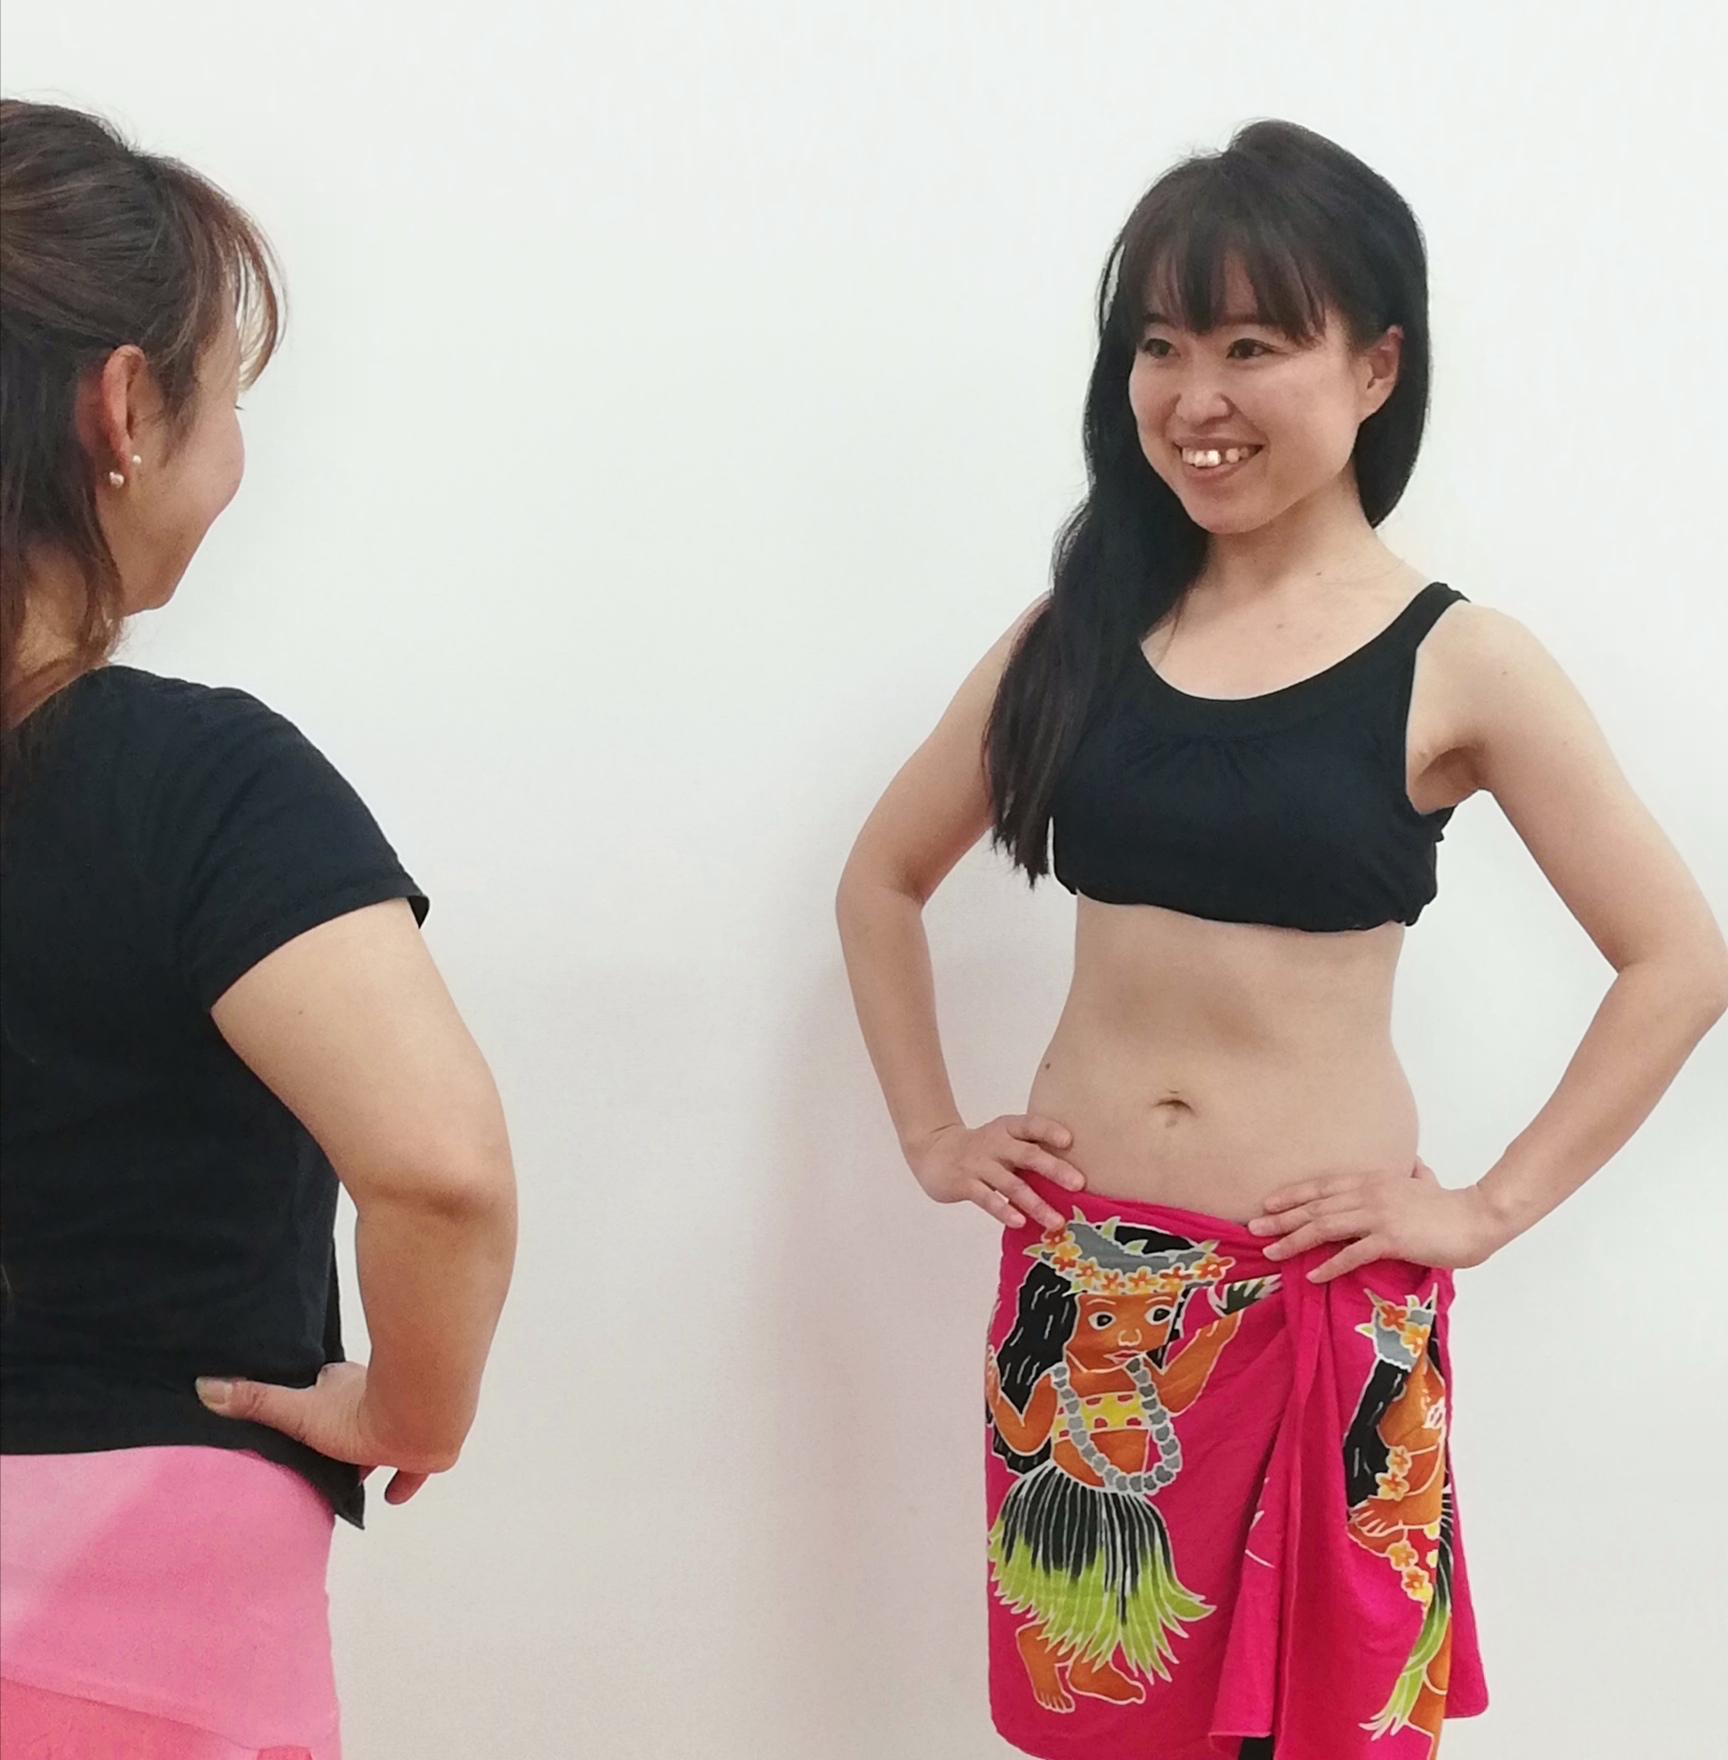 【米田様専用】通期:タヒチアンダンス・スロータヒチアンダンス